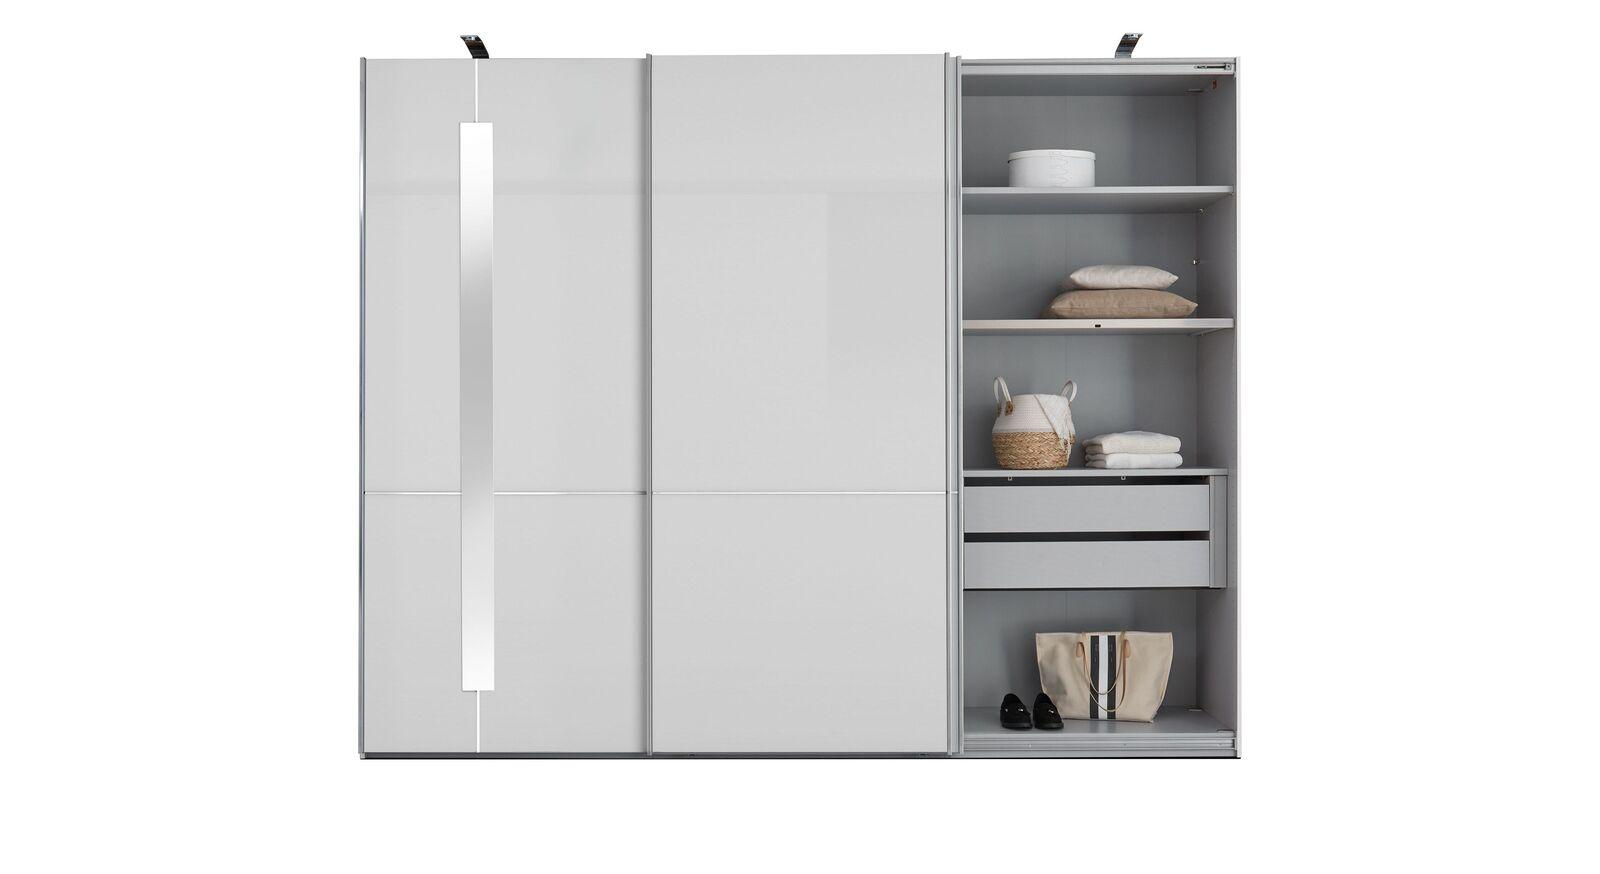 GALLERY M SChwebetüren-Kleiderschrank IMOLA W in Weiß mit Zusatz-Ausstattung